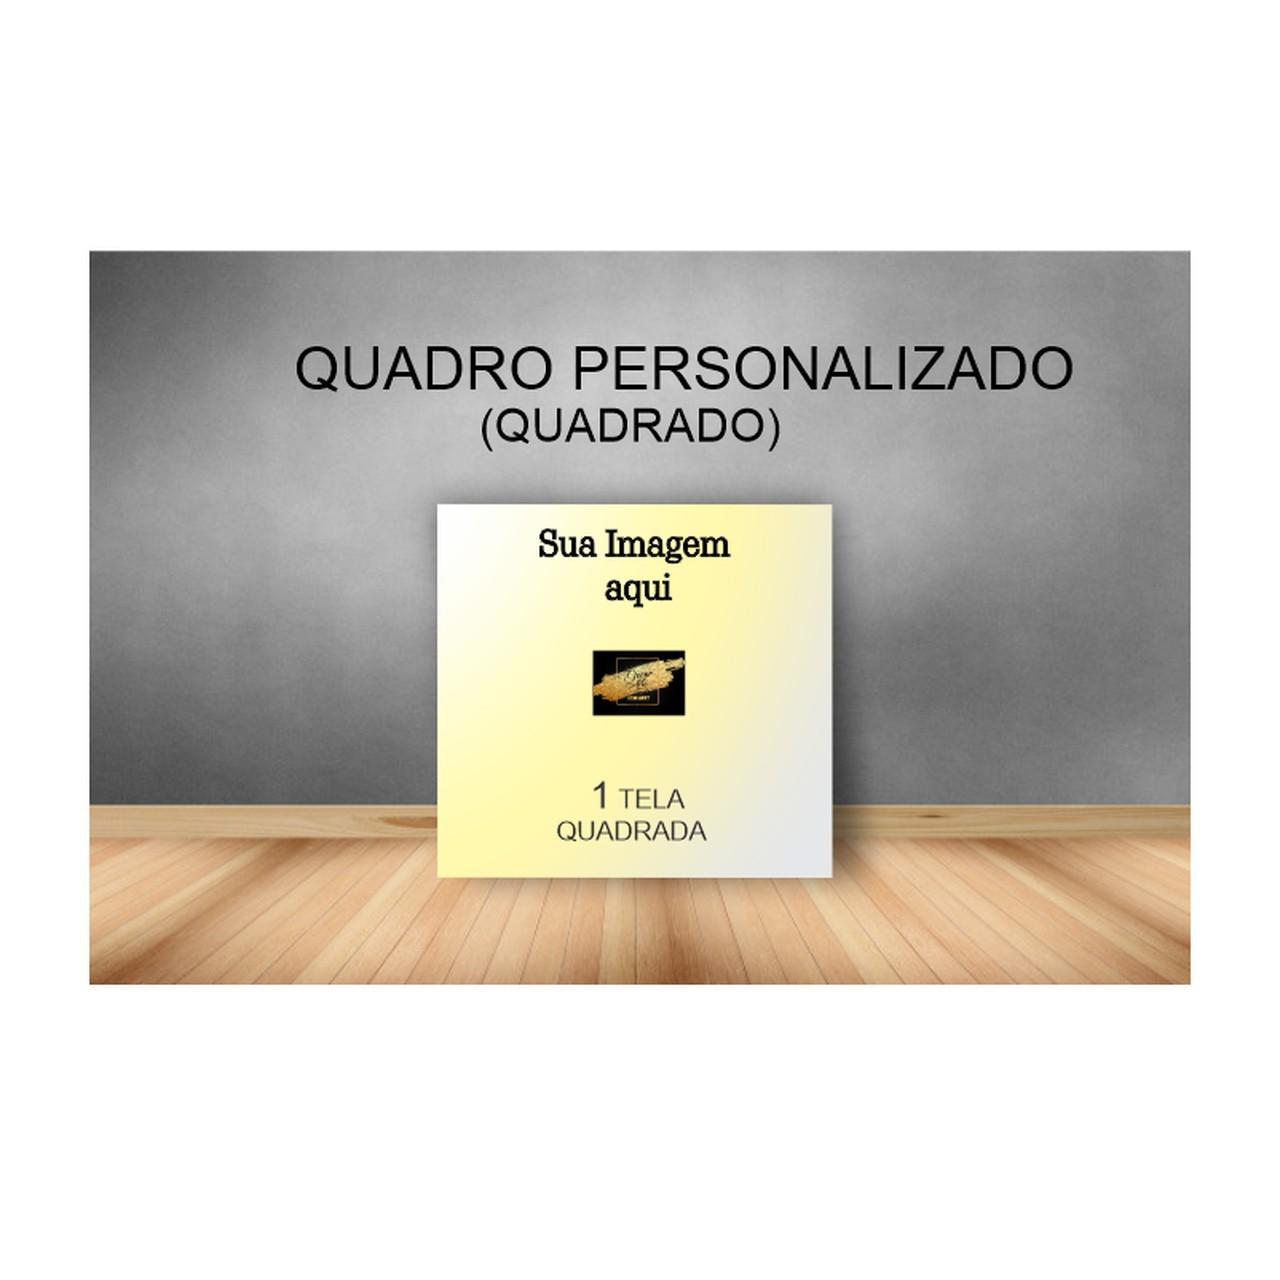 Quadro Quadrado Personalizado - Tela Única